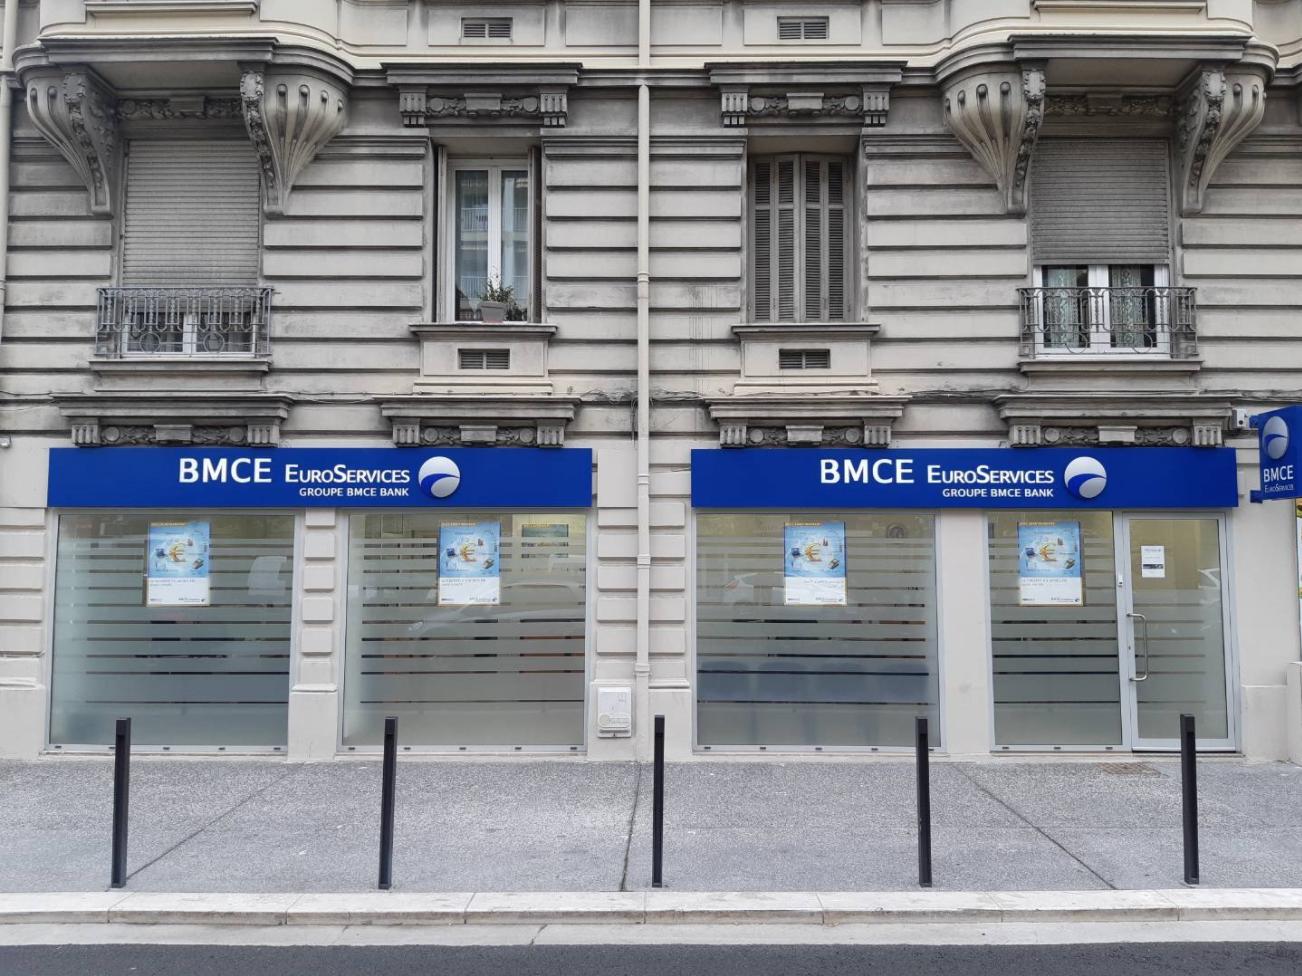 BMCE EuroServices lance la 1ère application mobile marocaine pour le transfert d'argent en ligne depuis l'Europe